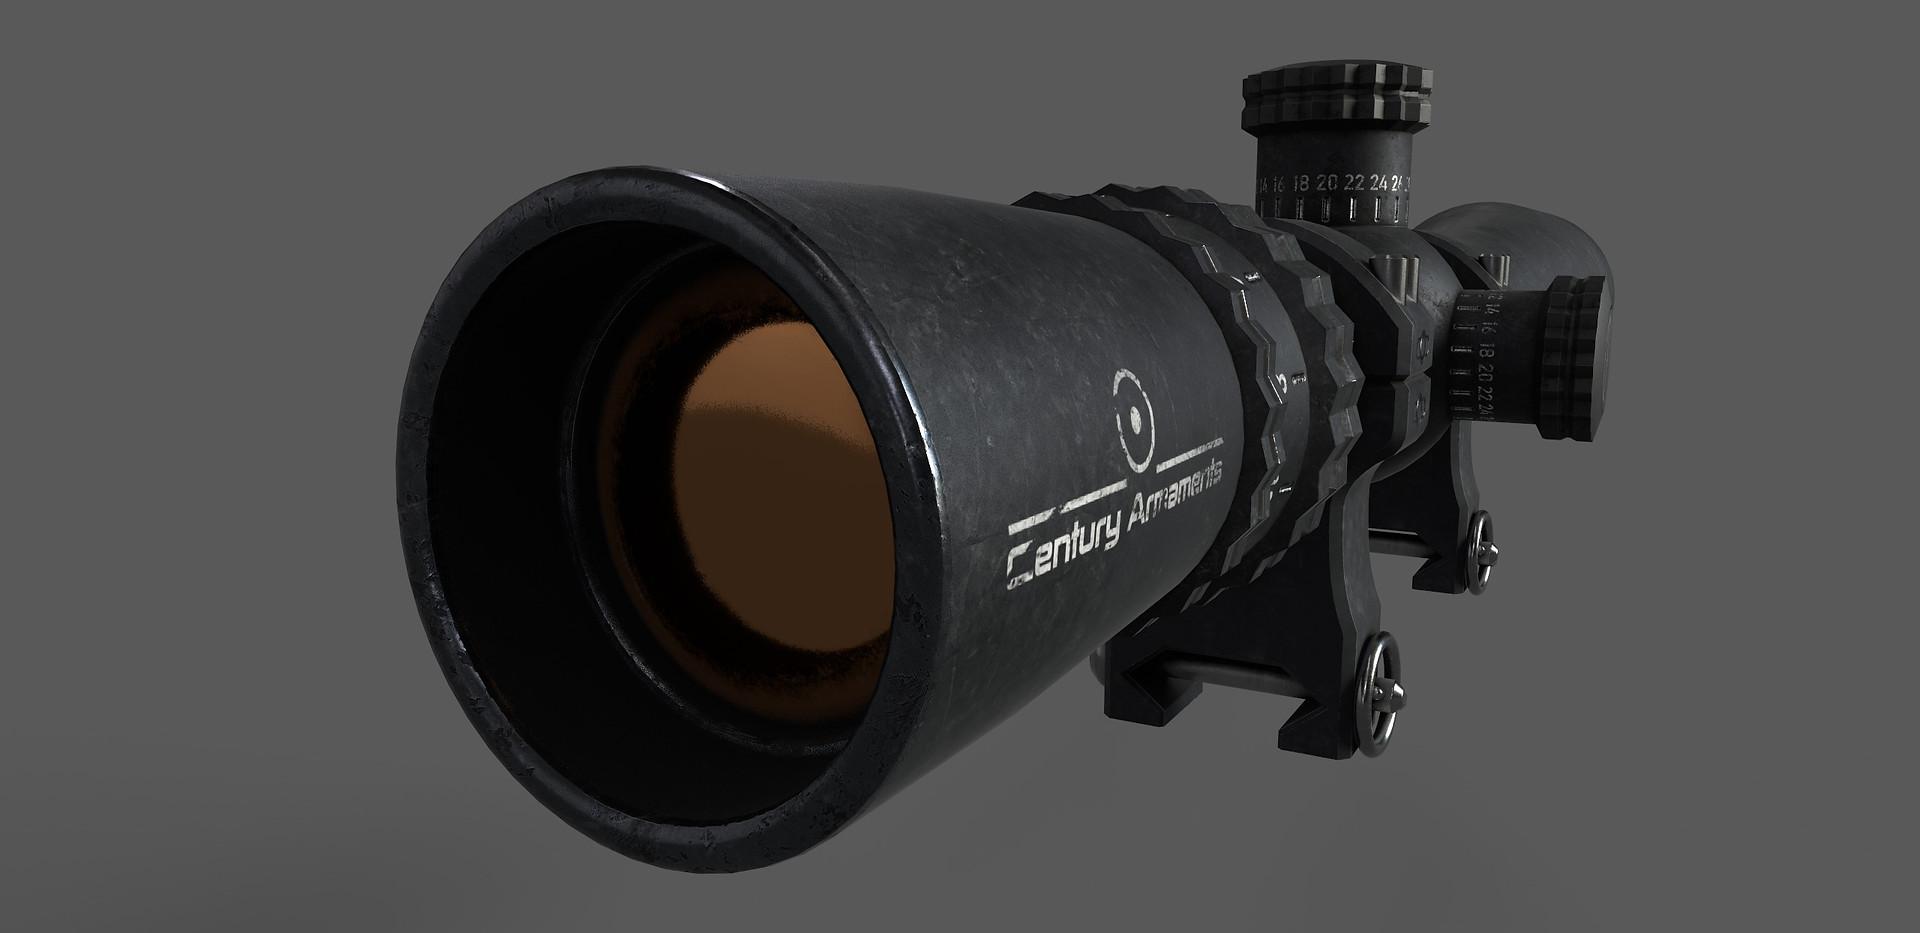 RifleScope_BackLens.jpg